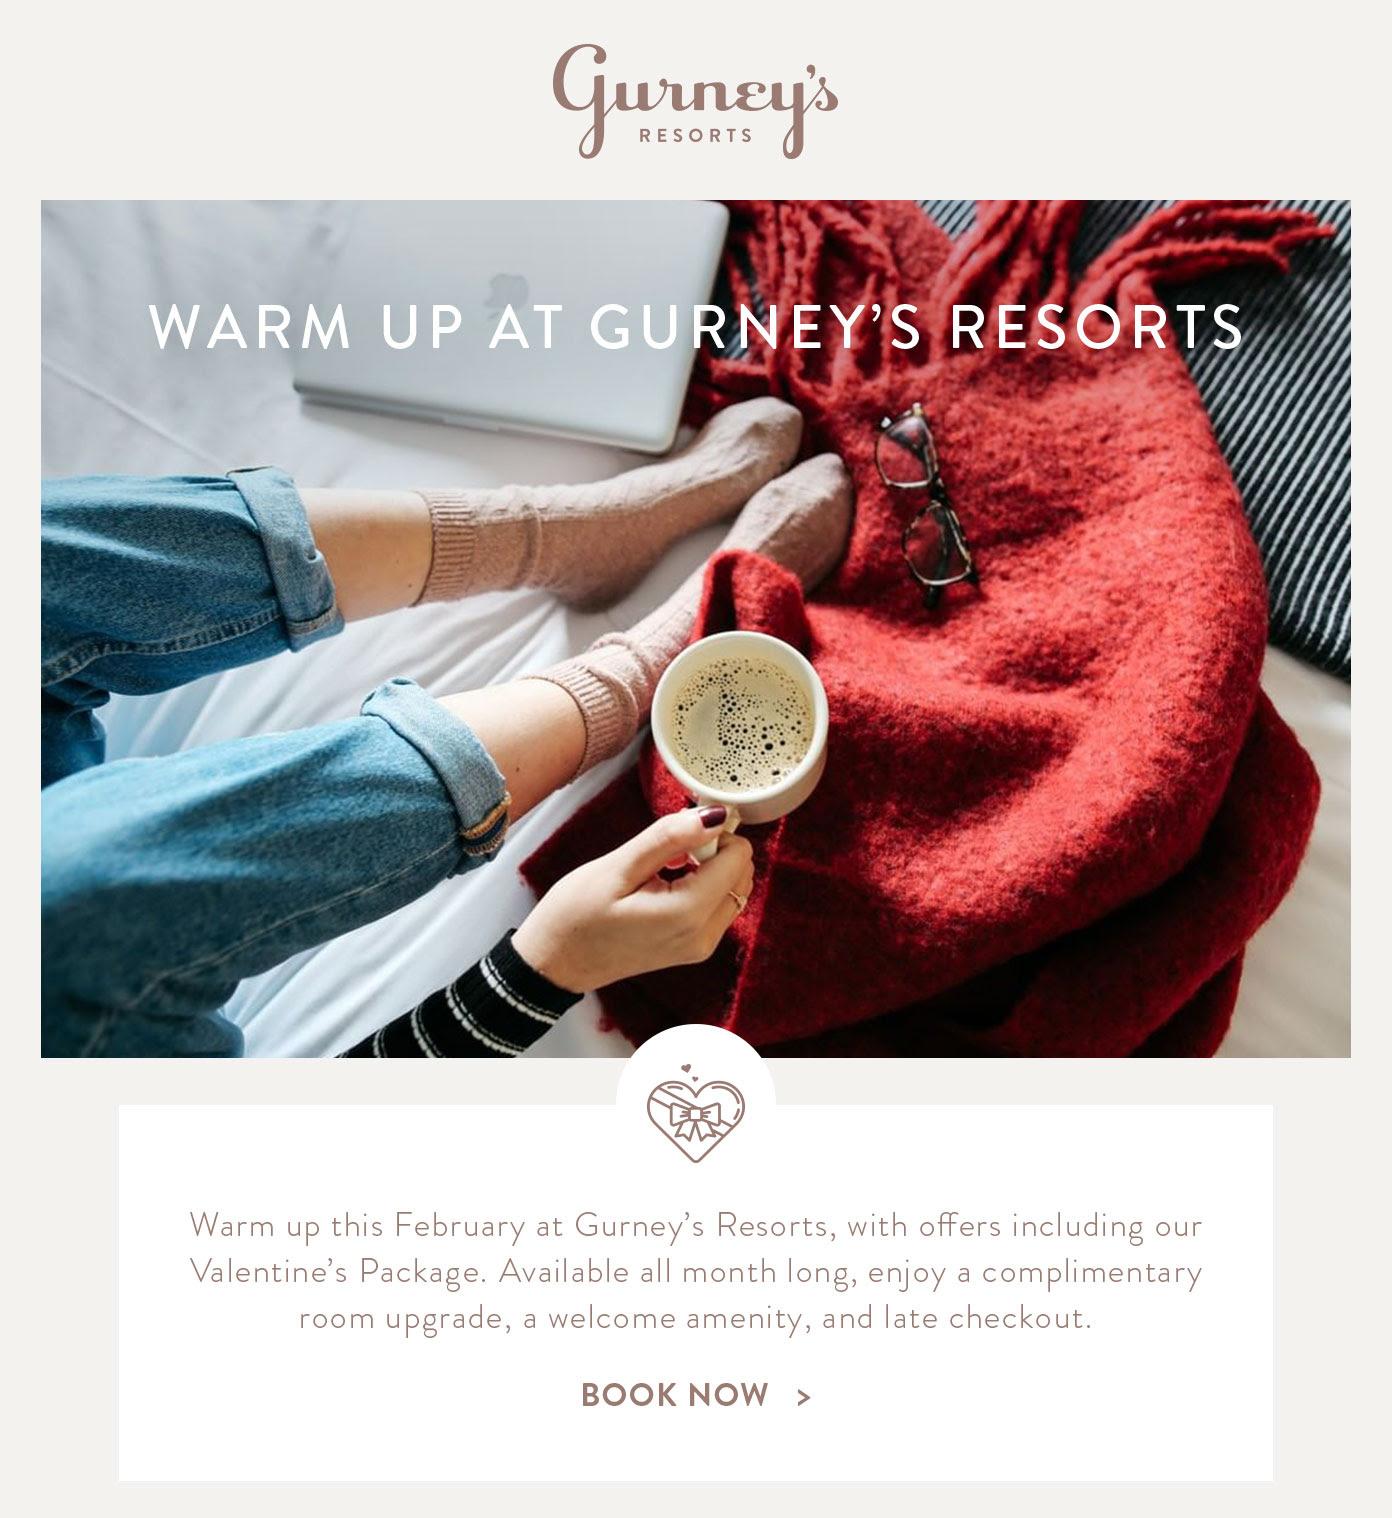 WARM UP AT GURNEY'S RESORTS